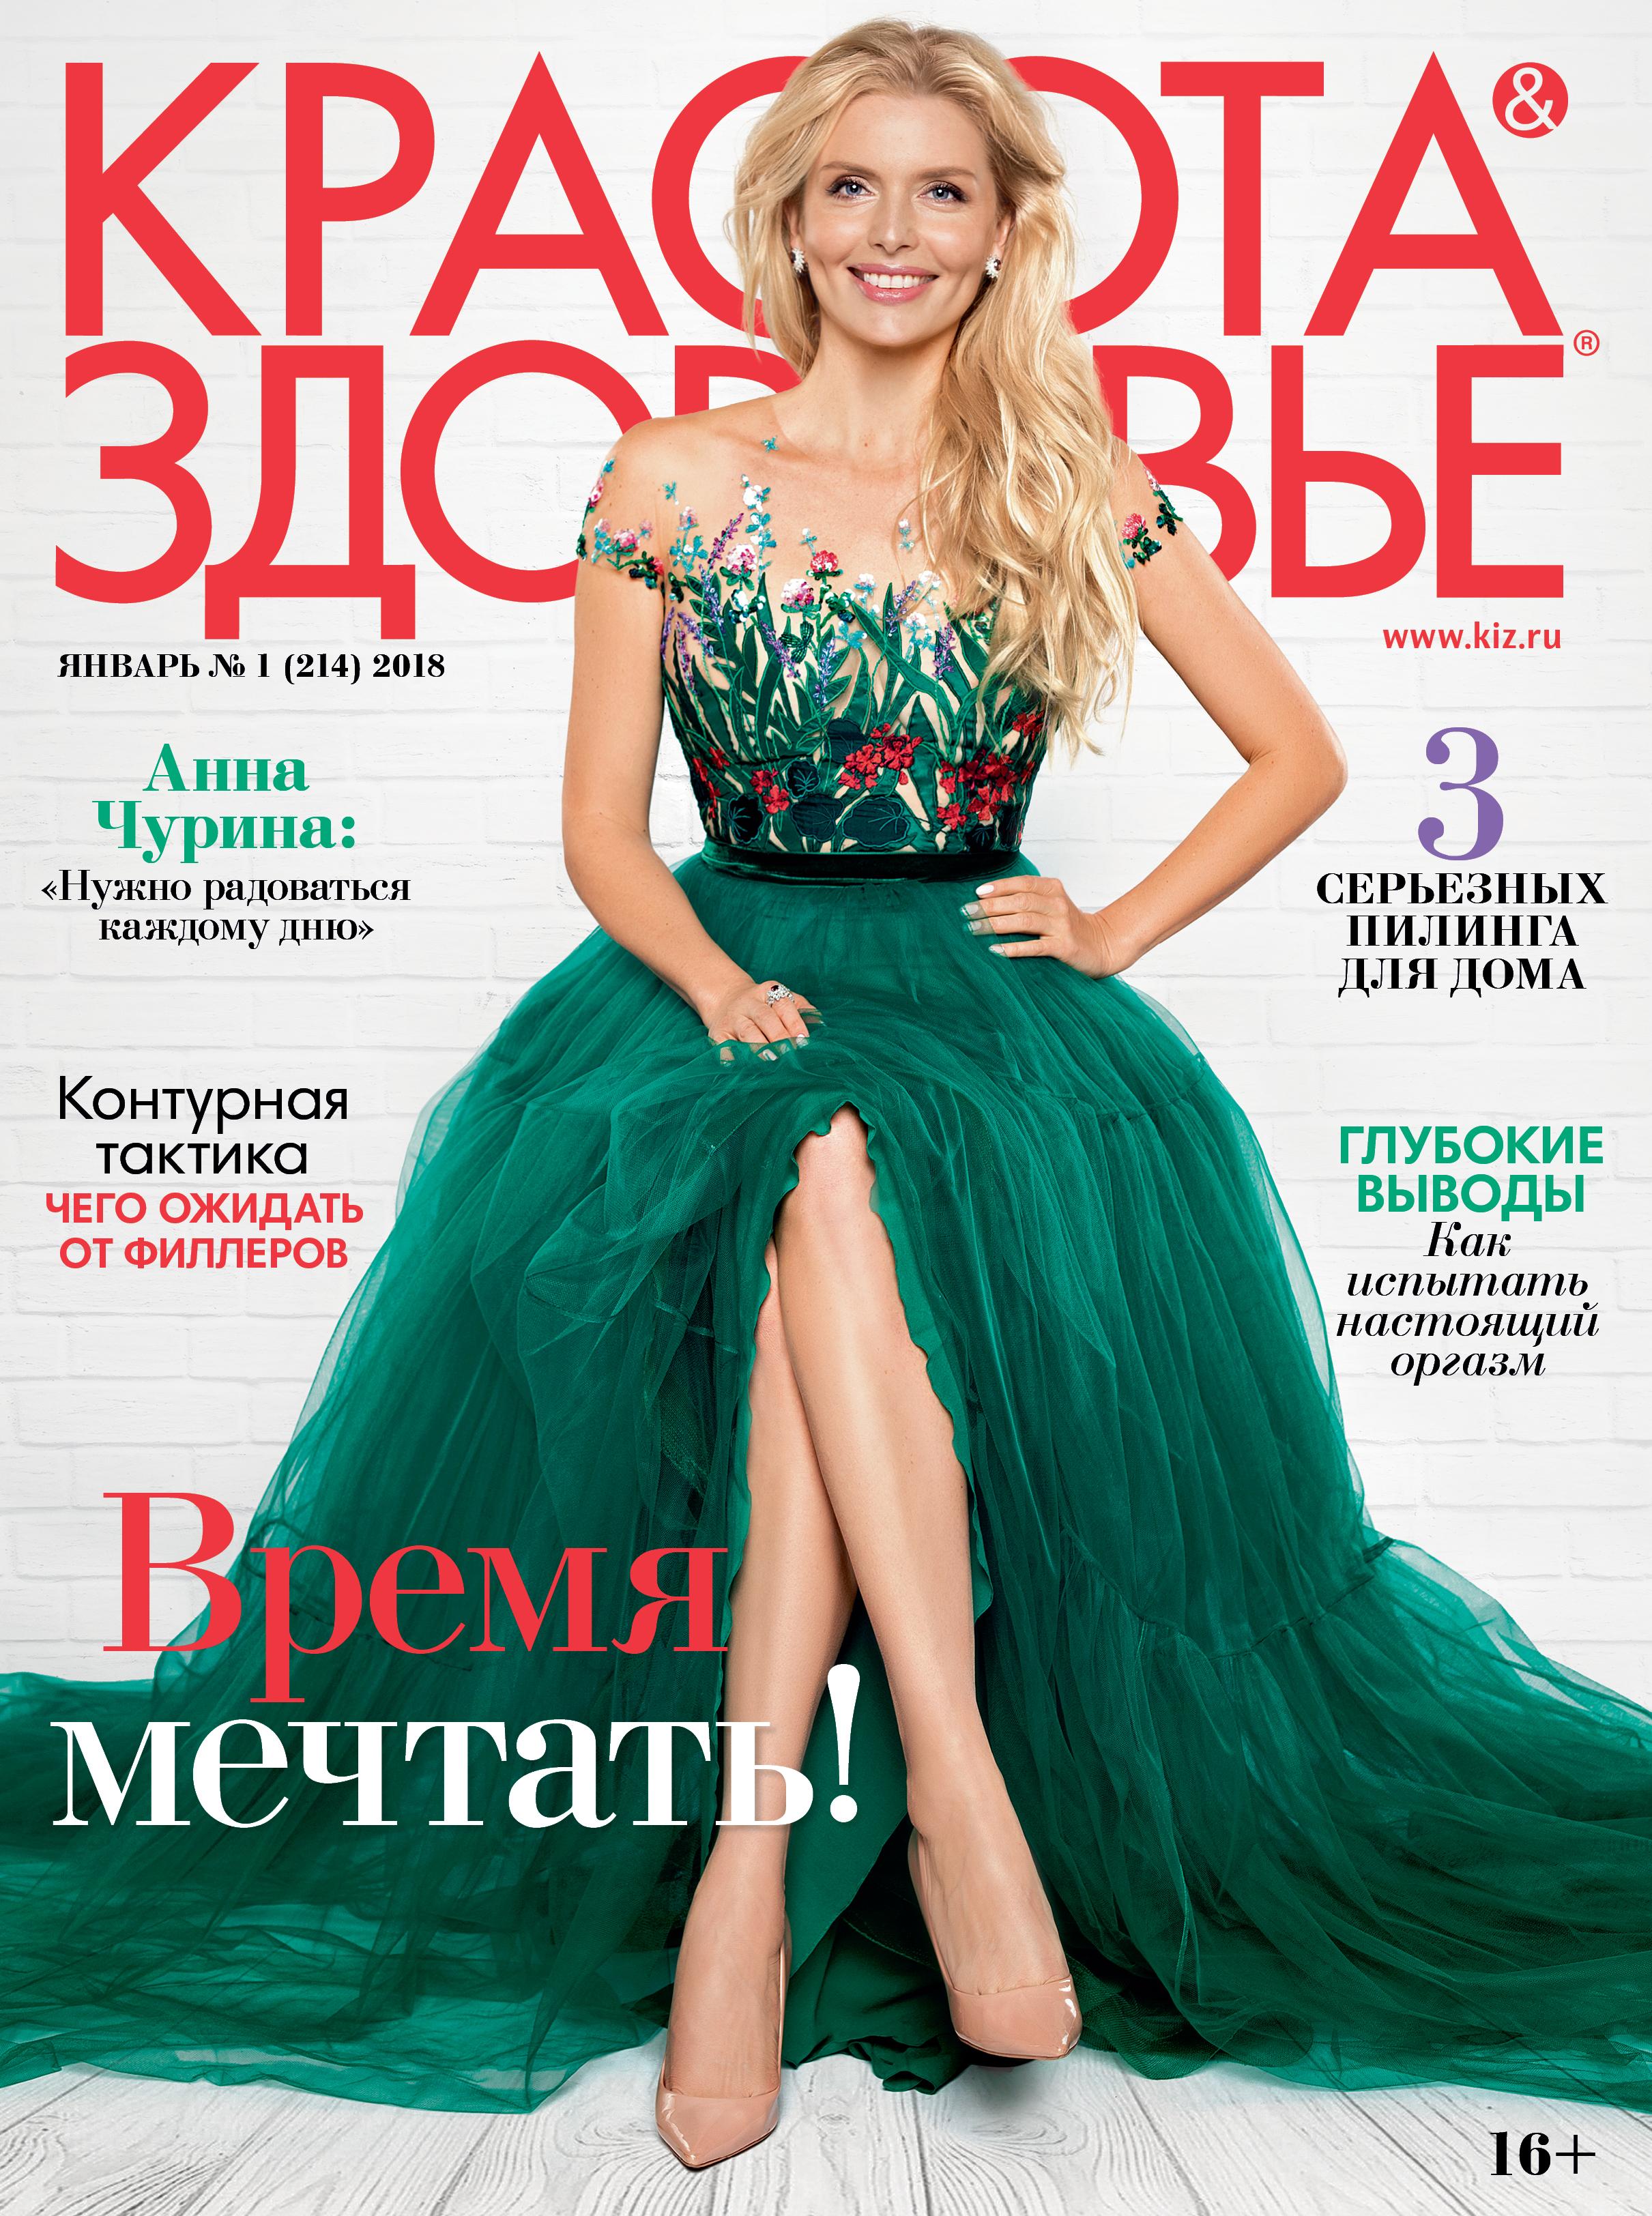 Красота и здоровье Журнал Красота и здоровье № 1 (2018)